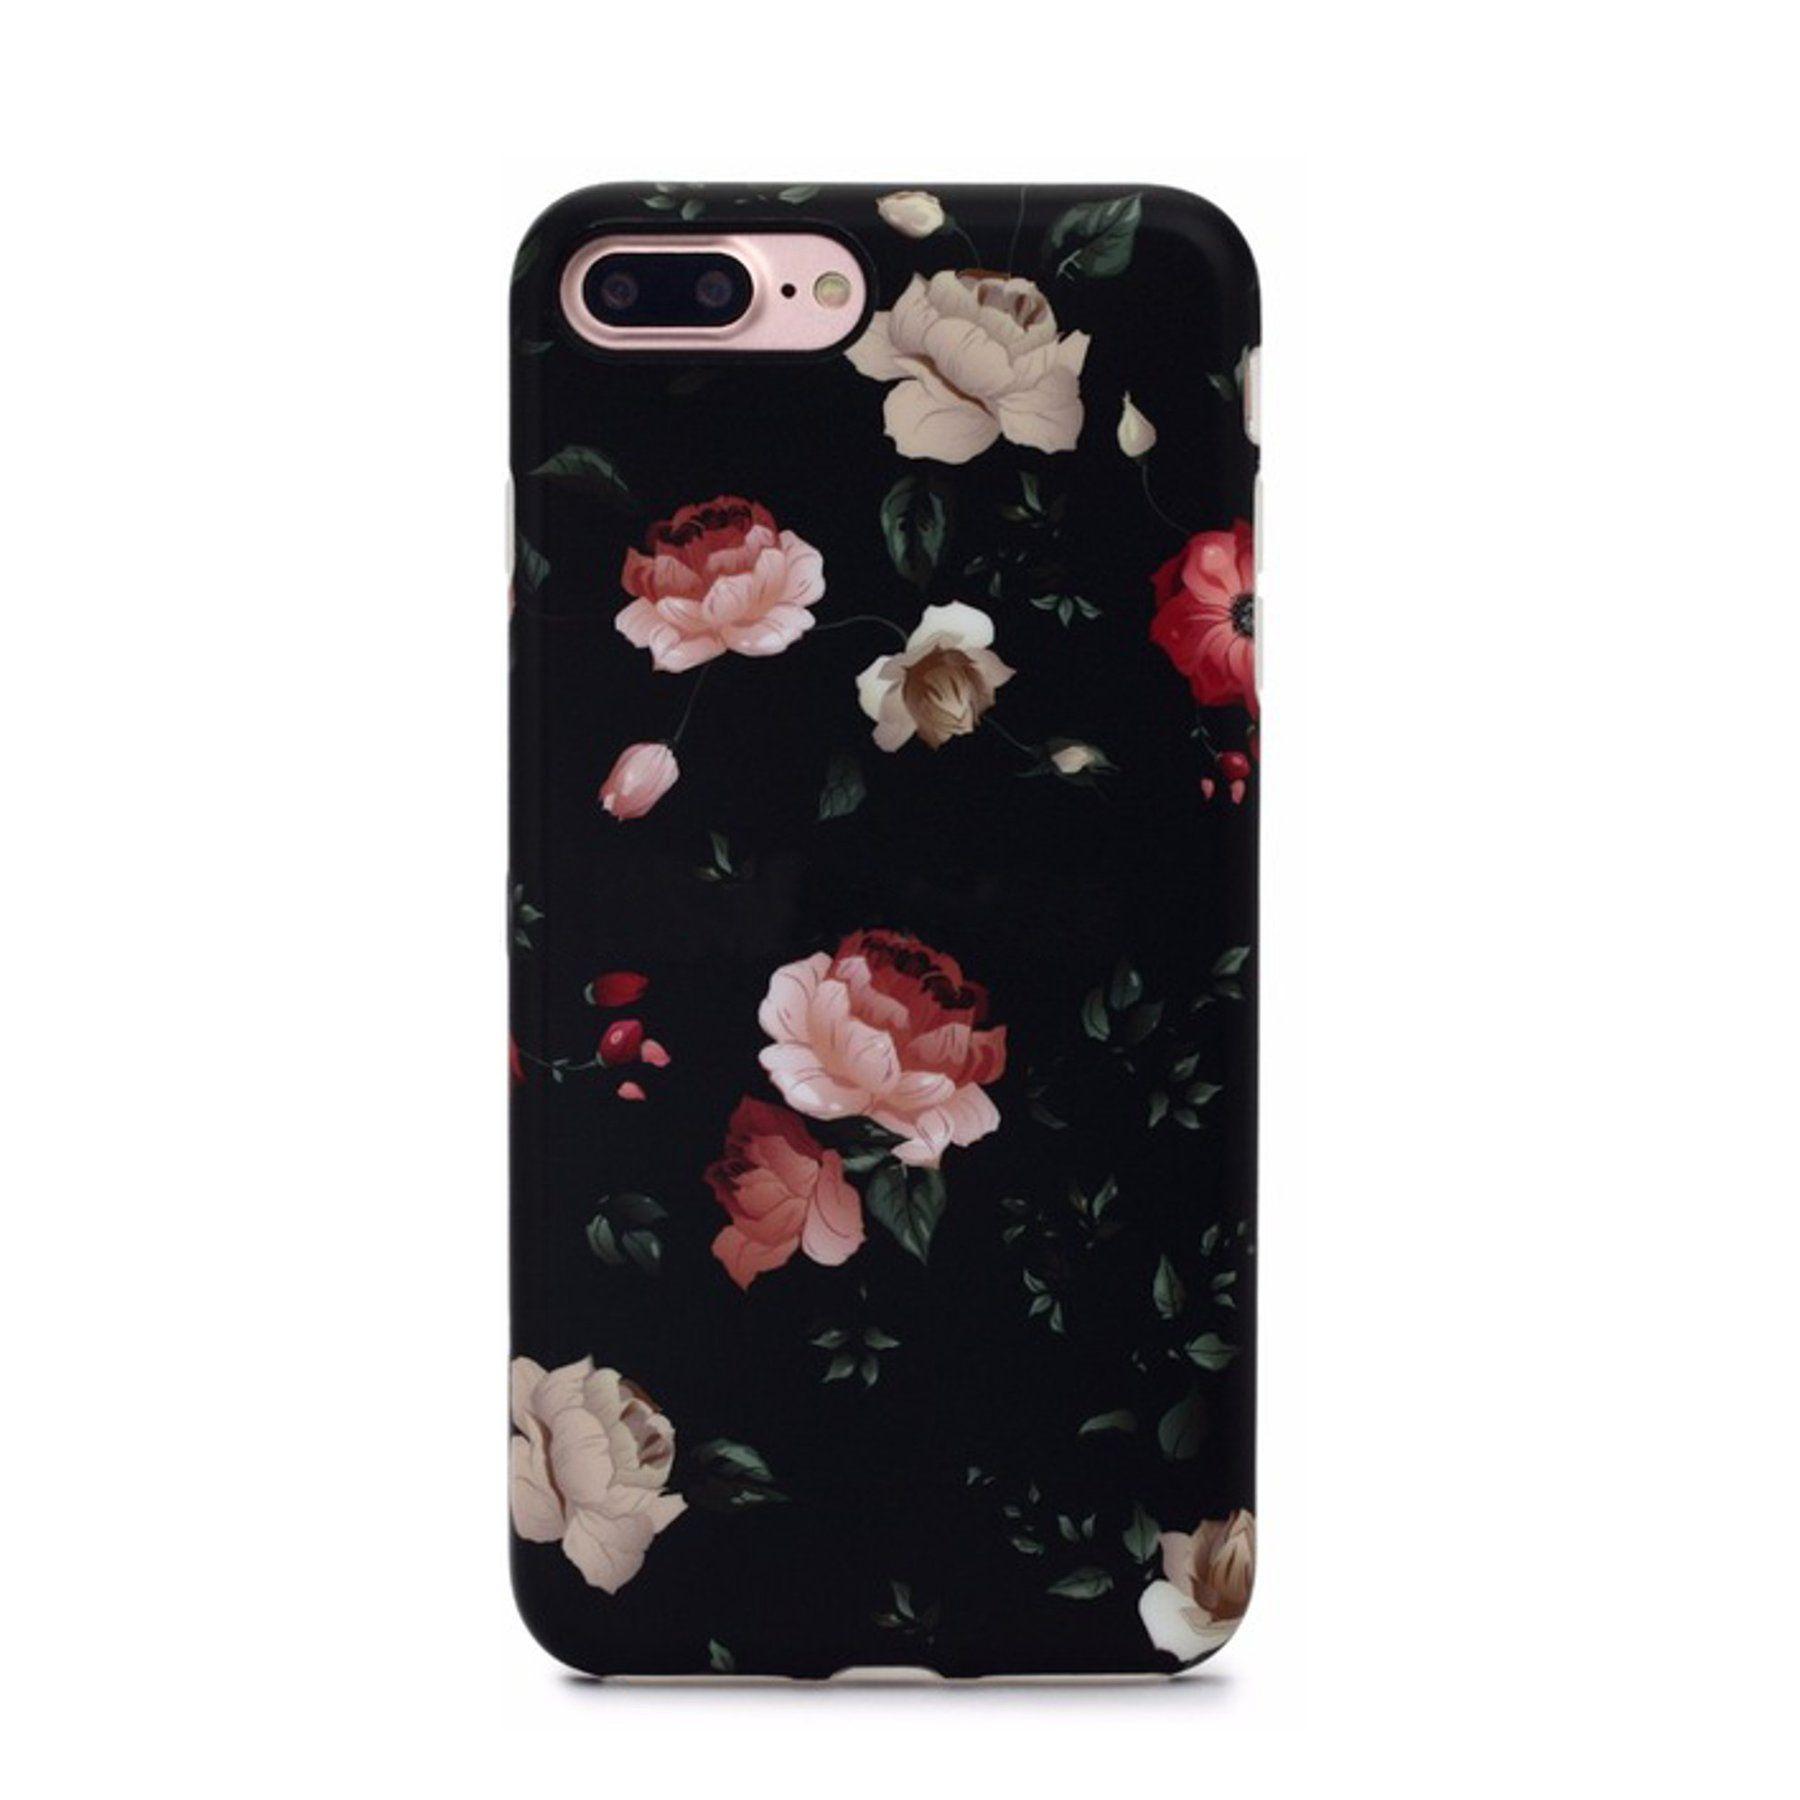 Dark Rose Case For Iphone 8 Plus 7 Plus Roses Protective Case Back Floral Cases Iphone Phone Cases Iphone Case Protective